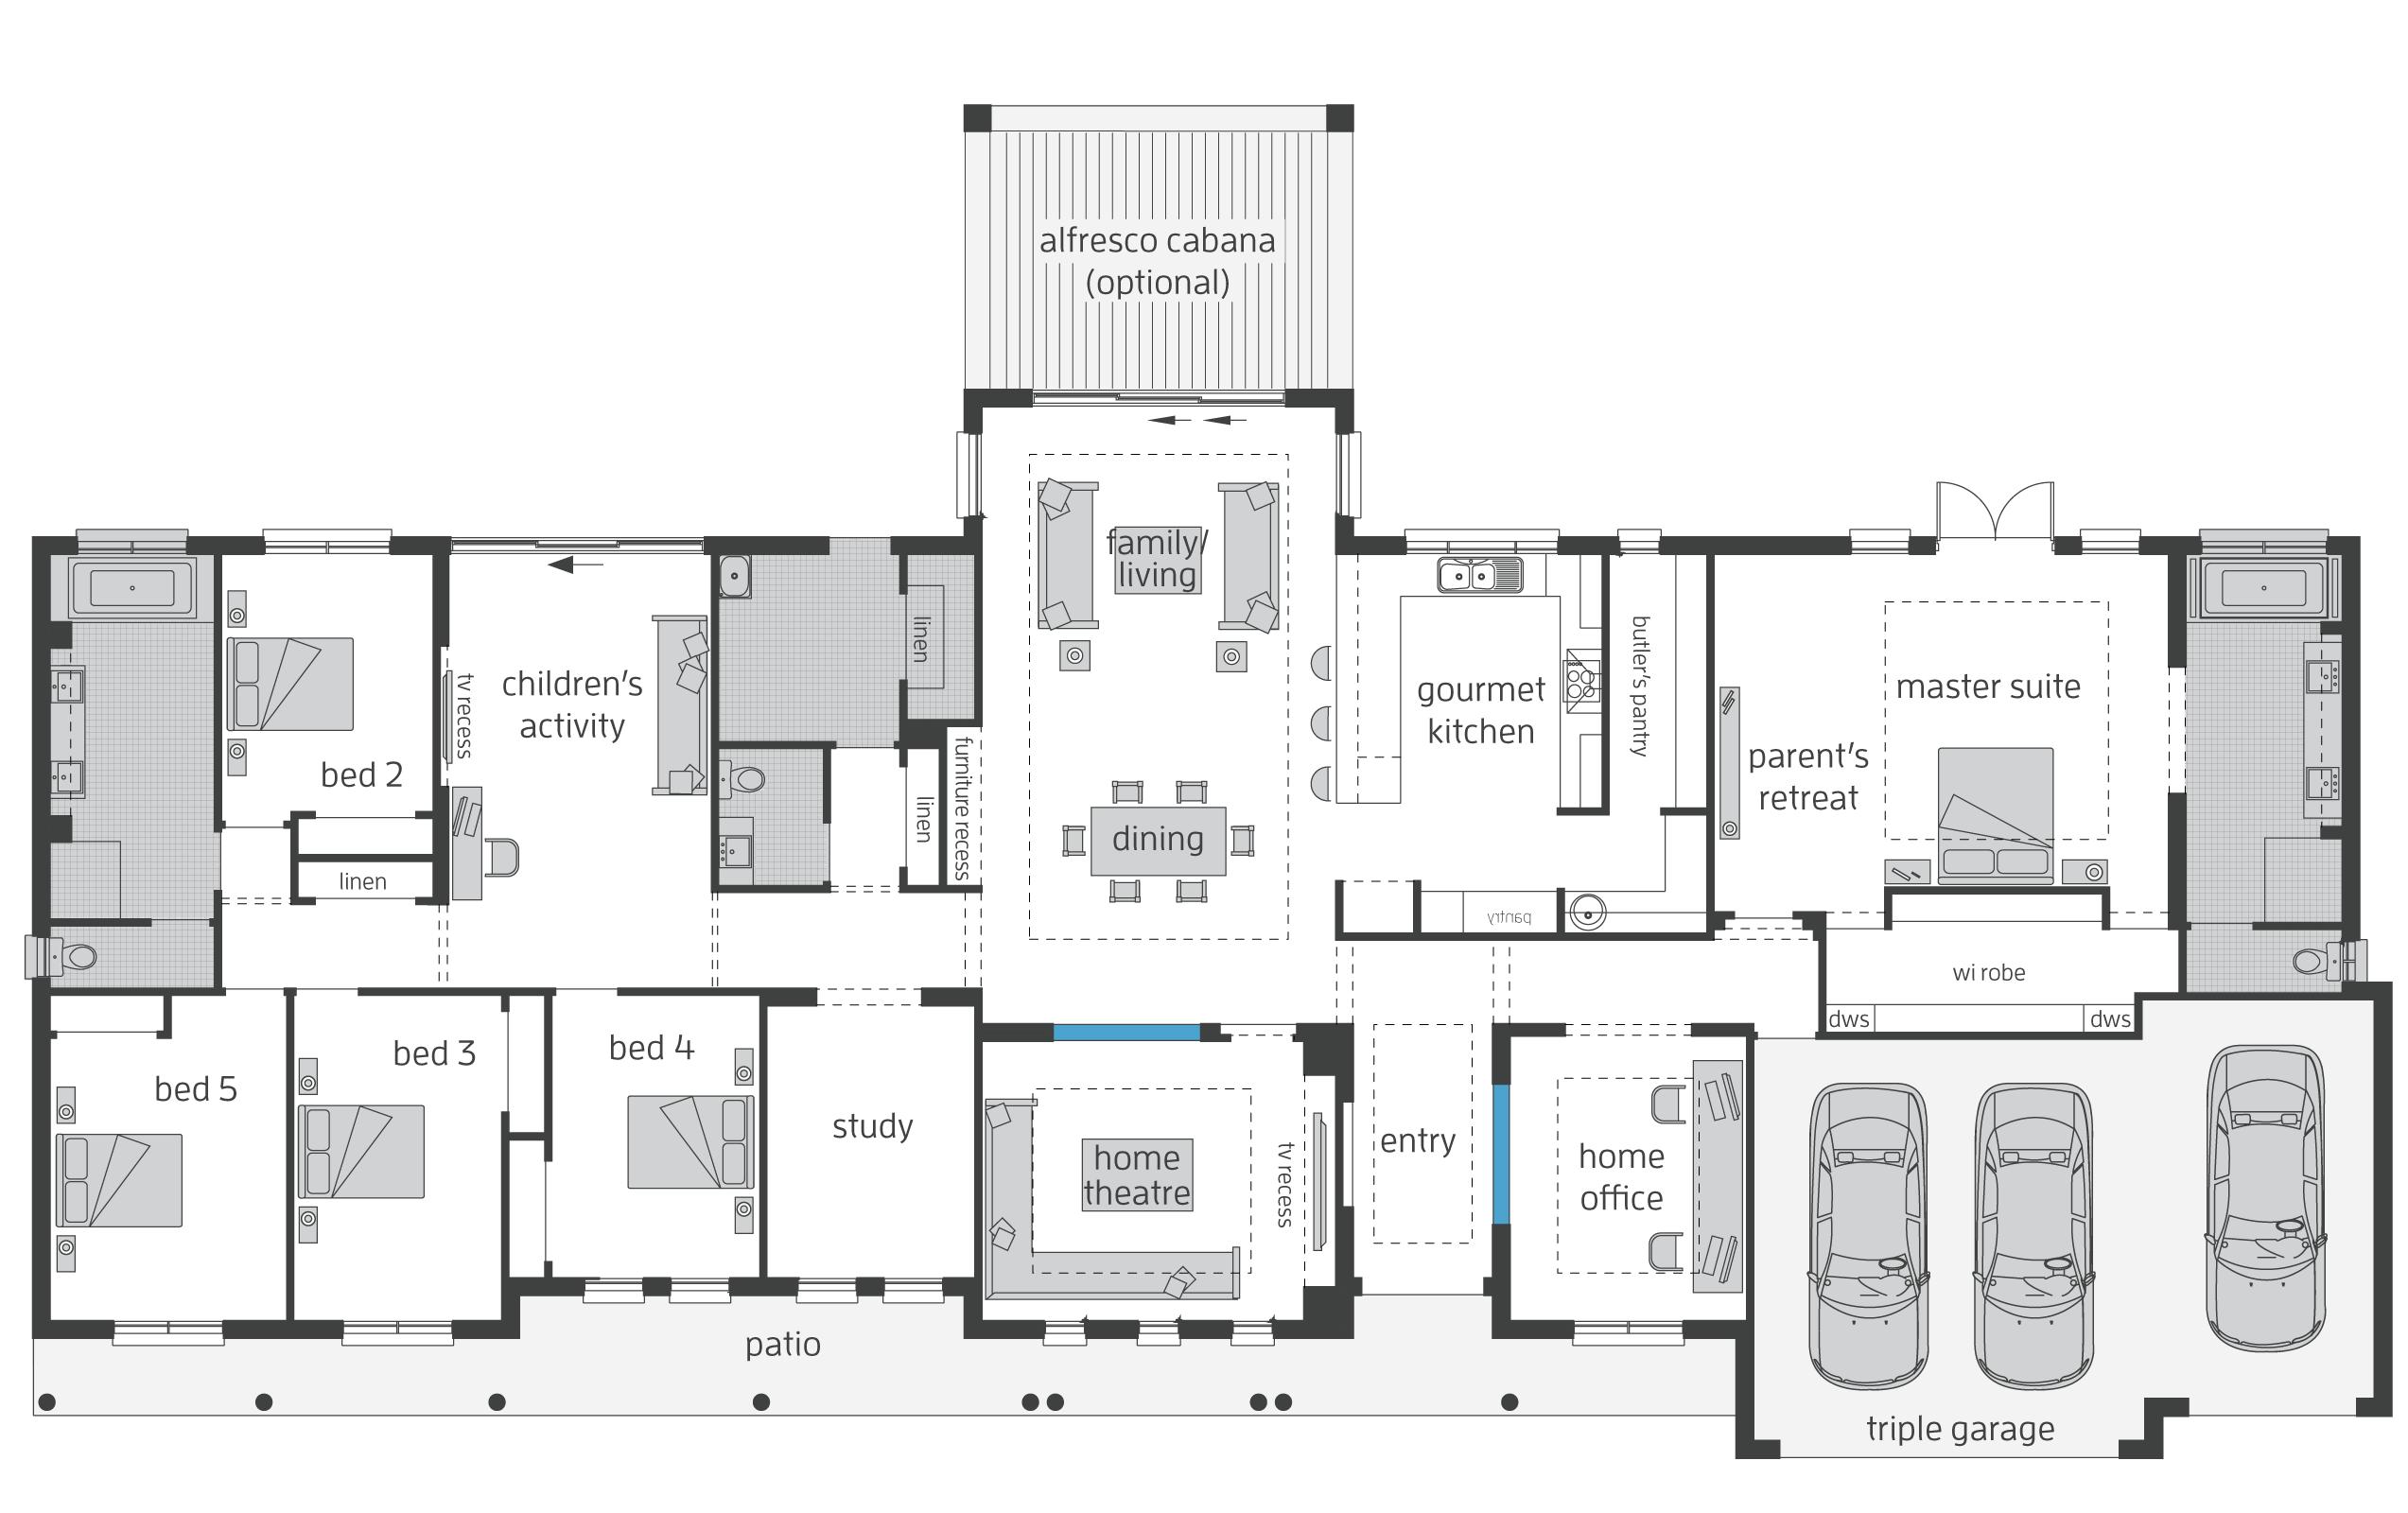 4 Bedroom House Plans Open Floor Rectangle